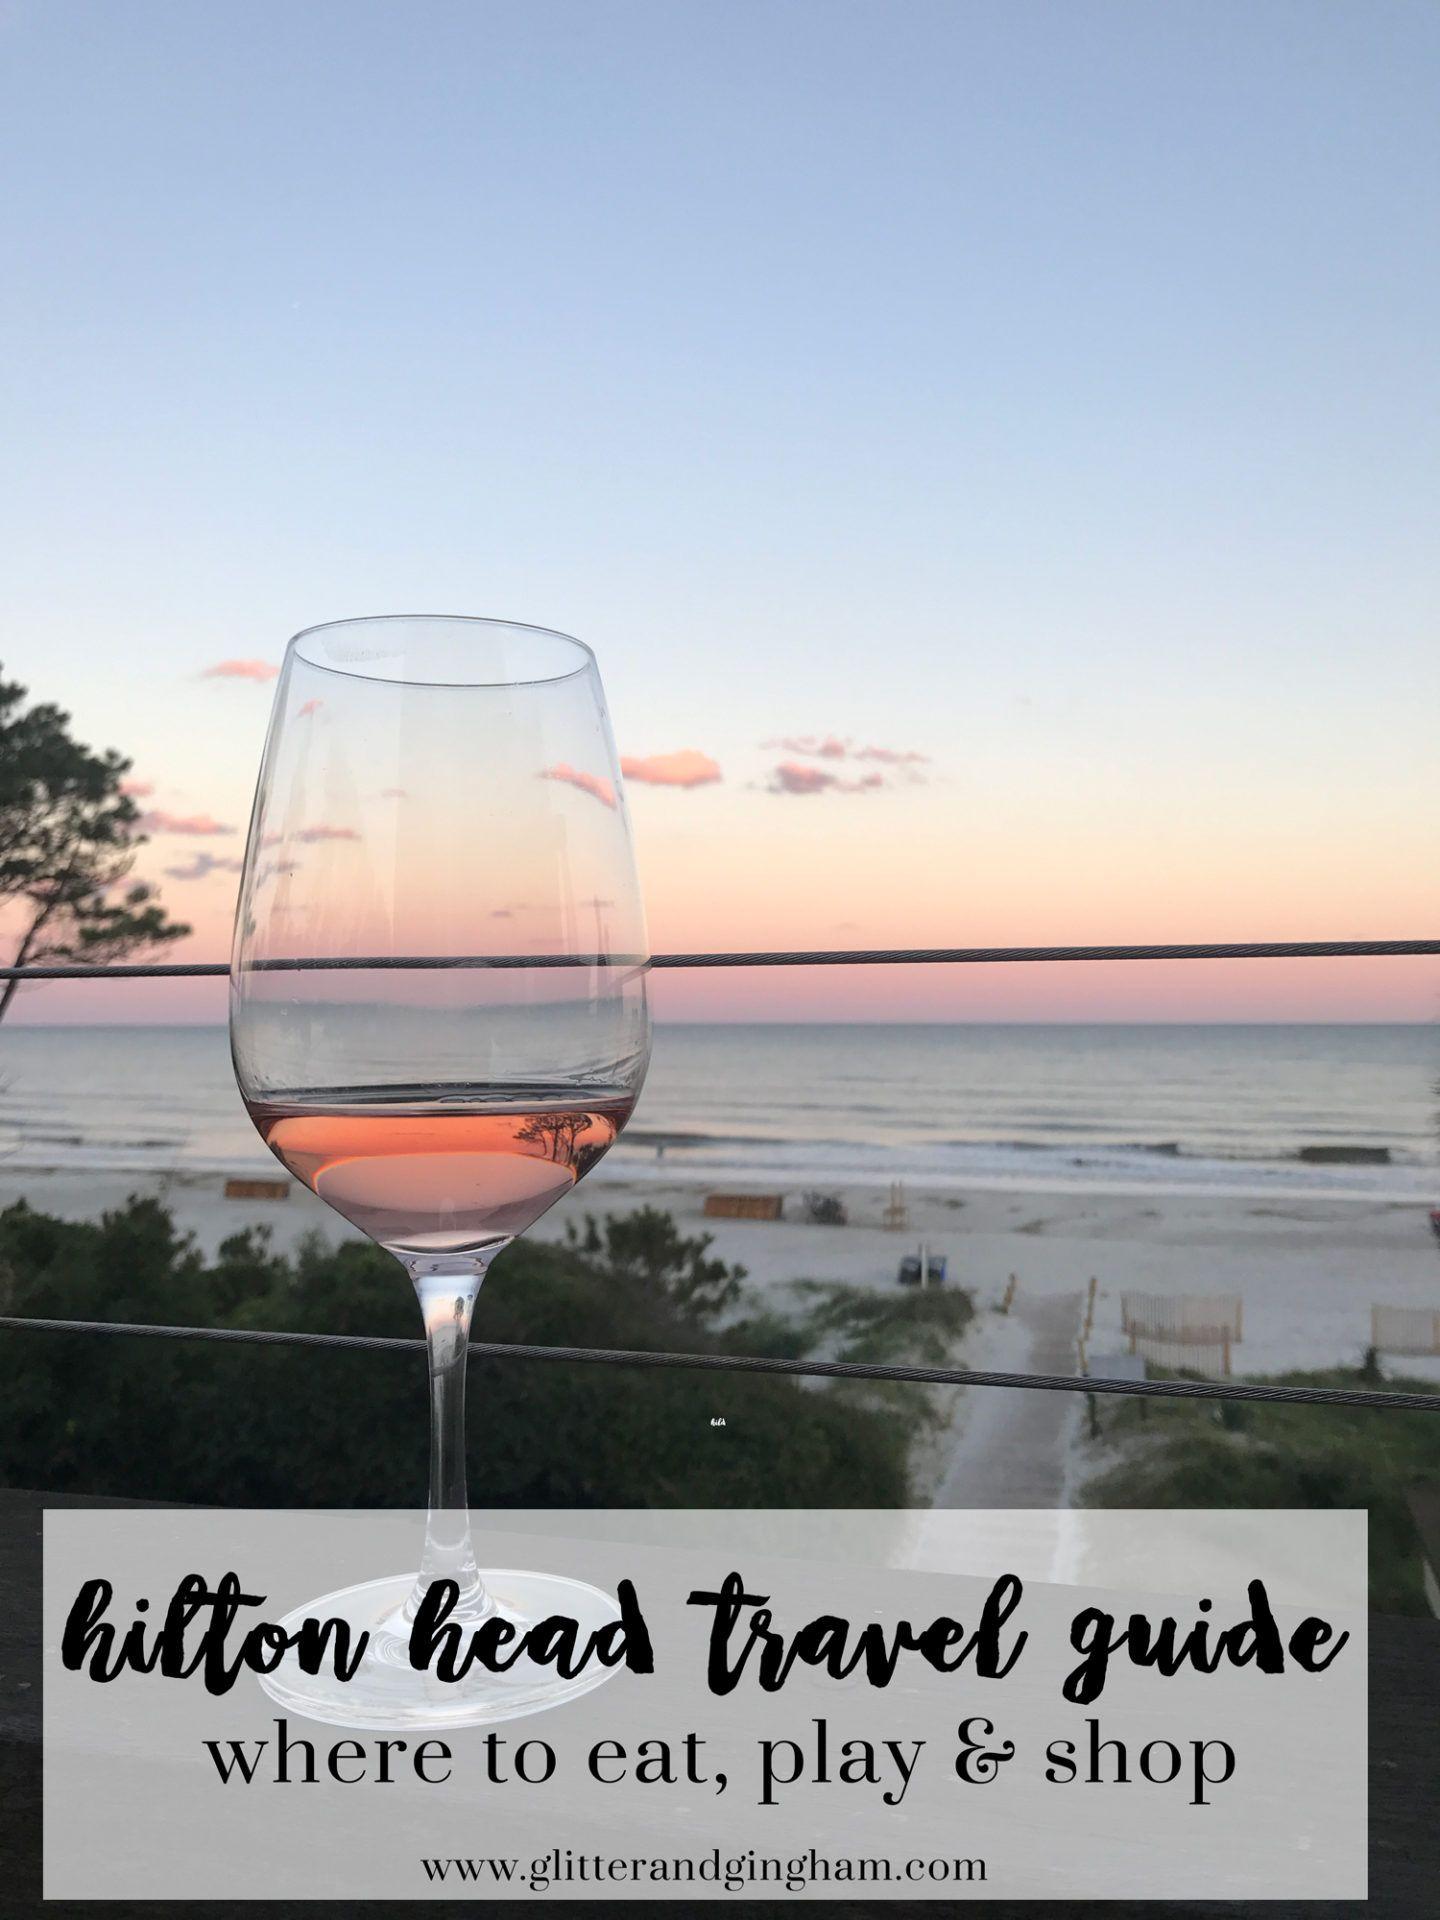 Hilton Head Travel Guide Hilton Head Beach Hilton Head South